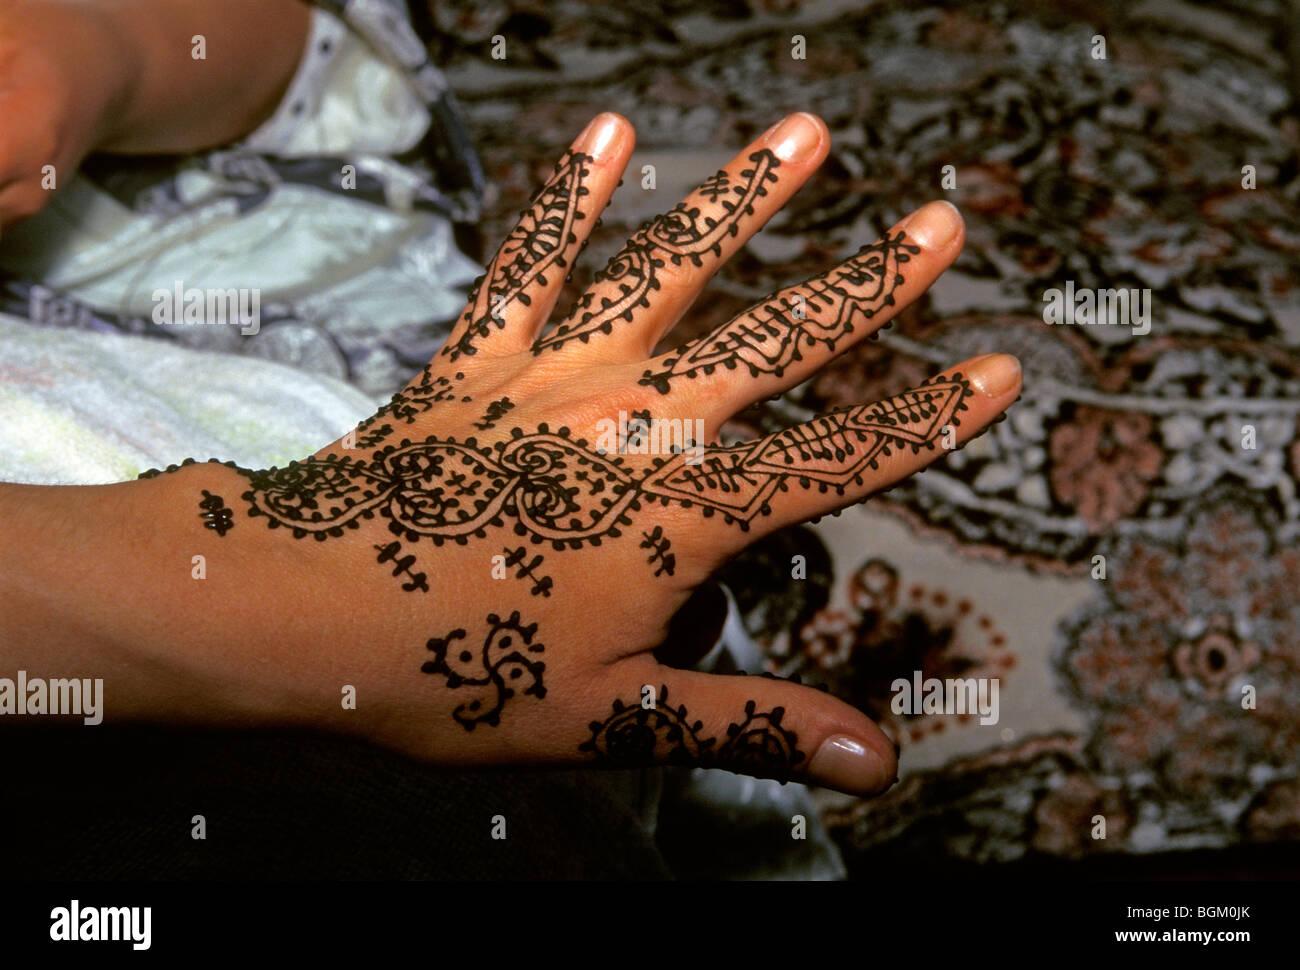 Tatuaje De Henna Henna Tatuajes Tatuajes Tatooing La Mano El